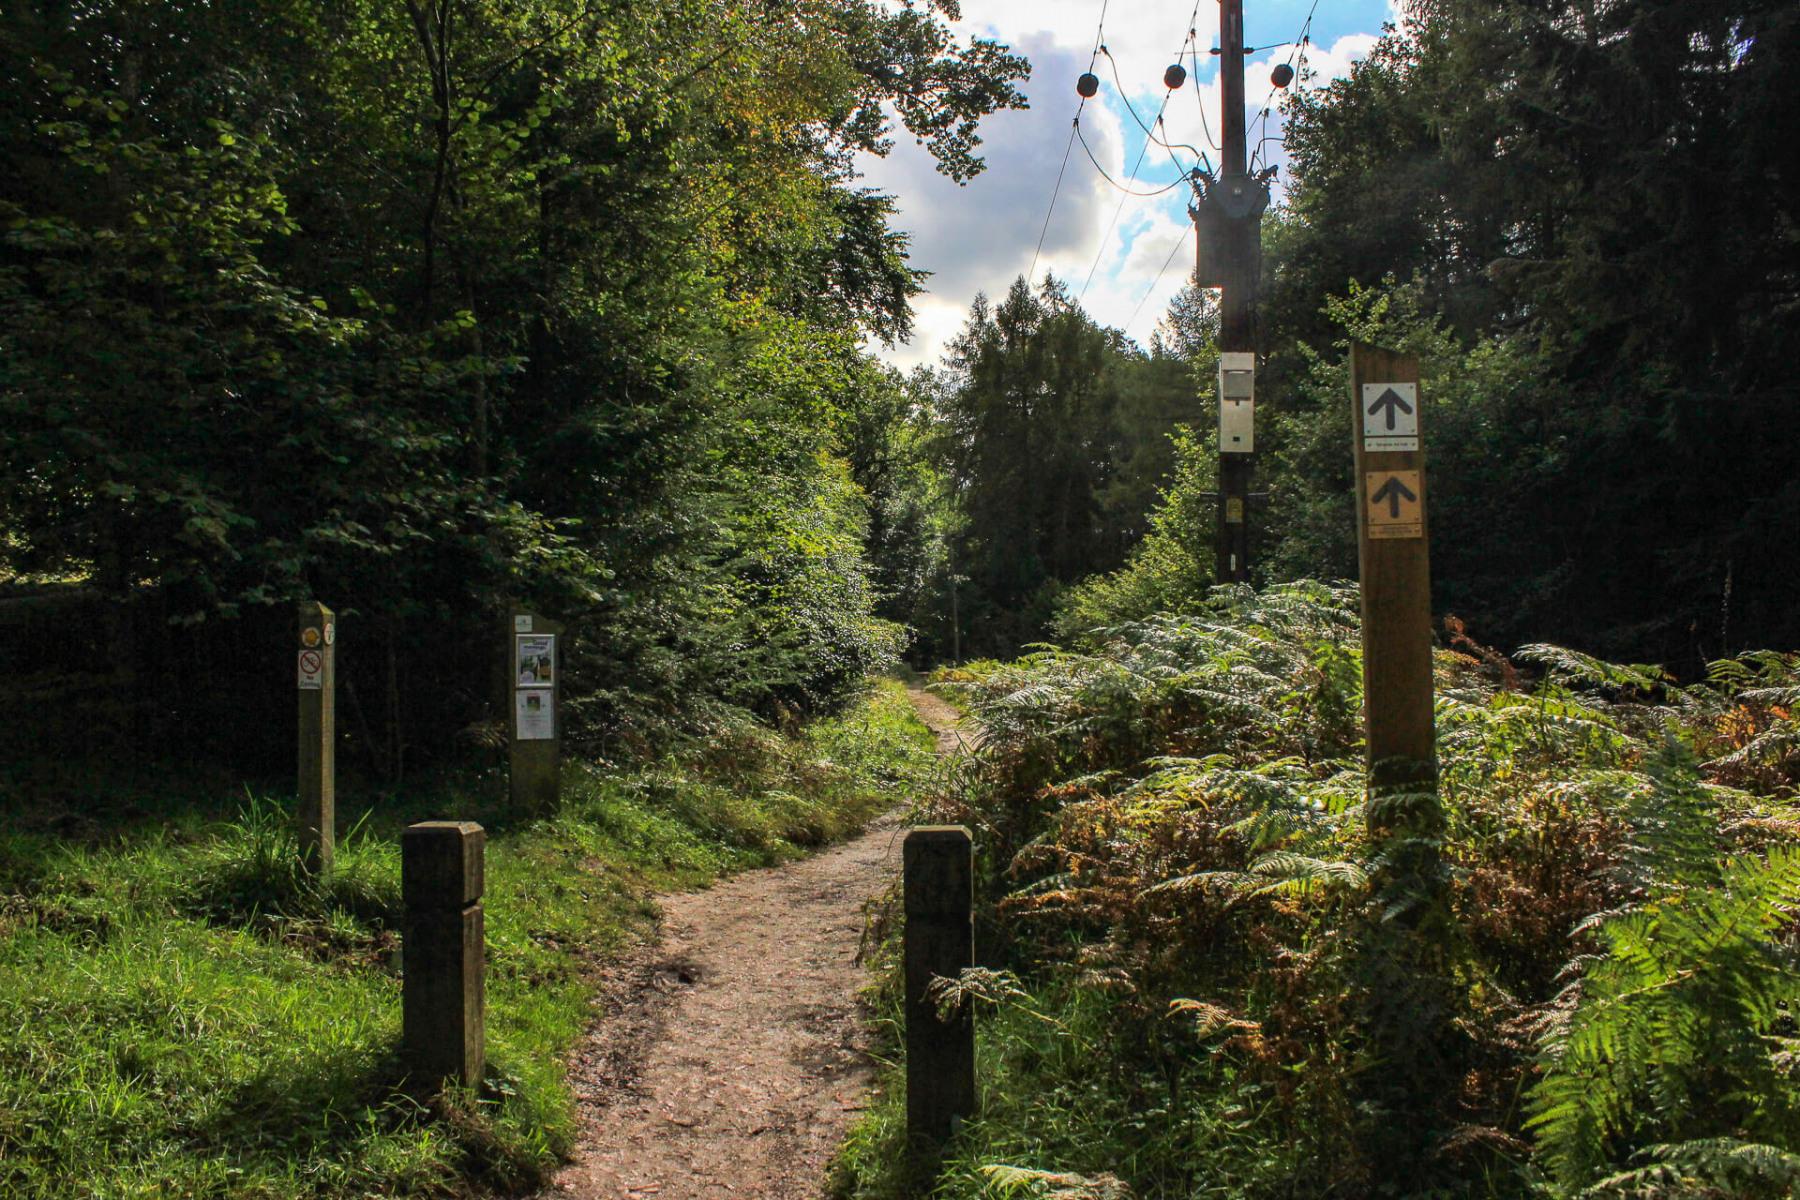 symonds-yat-trail-walk-path-signpost